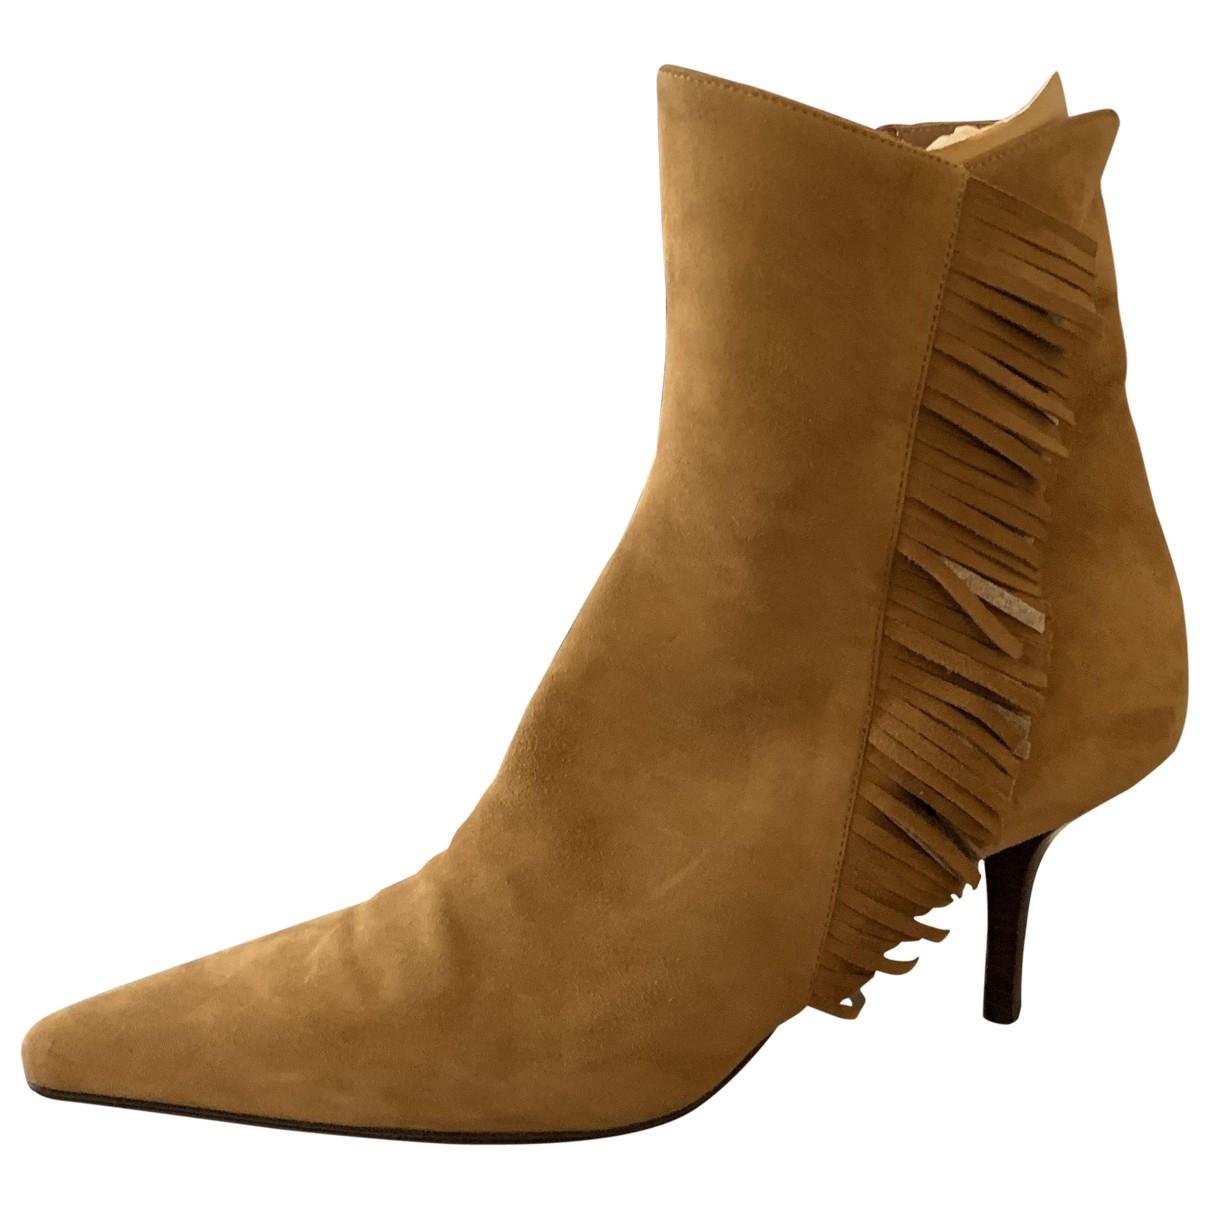 Gianvito Rossi - Boots   pour femme en cuir - camel